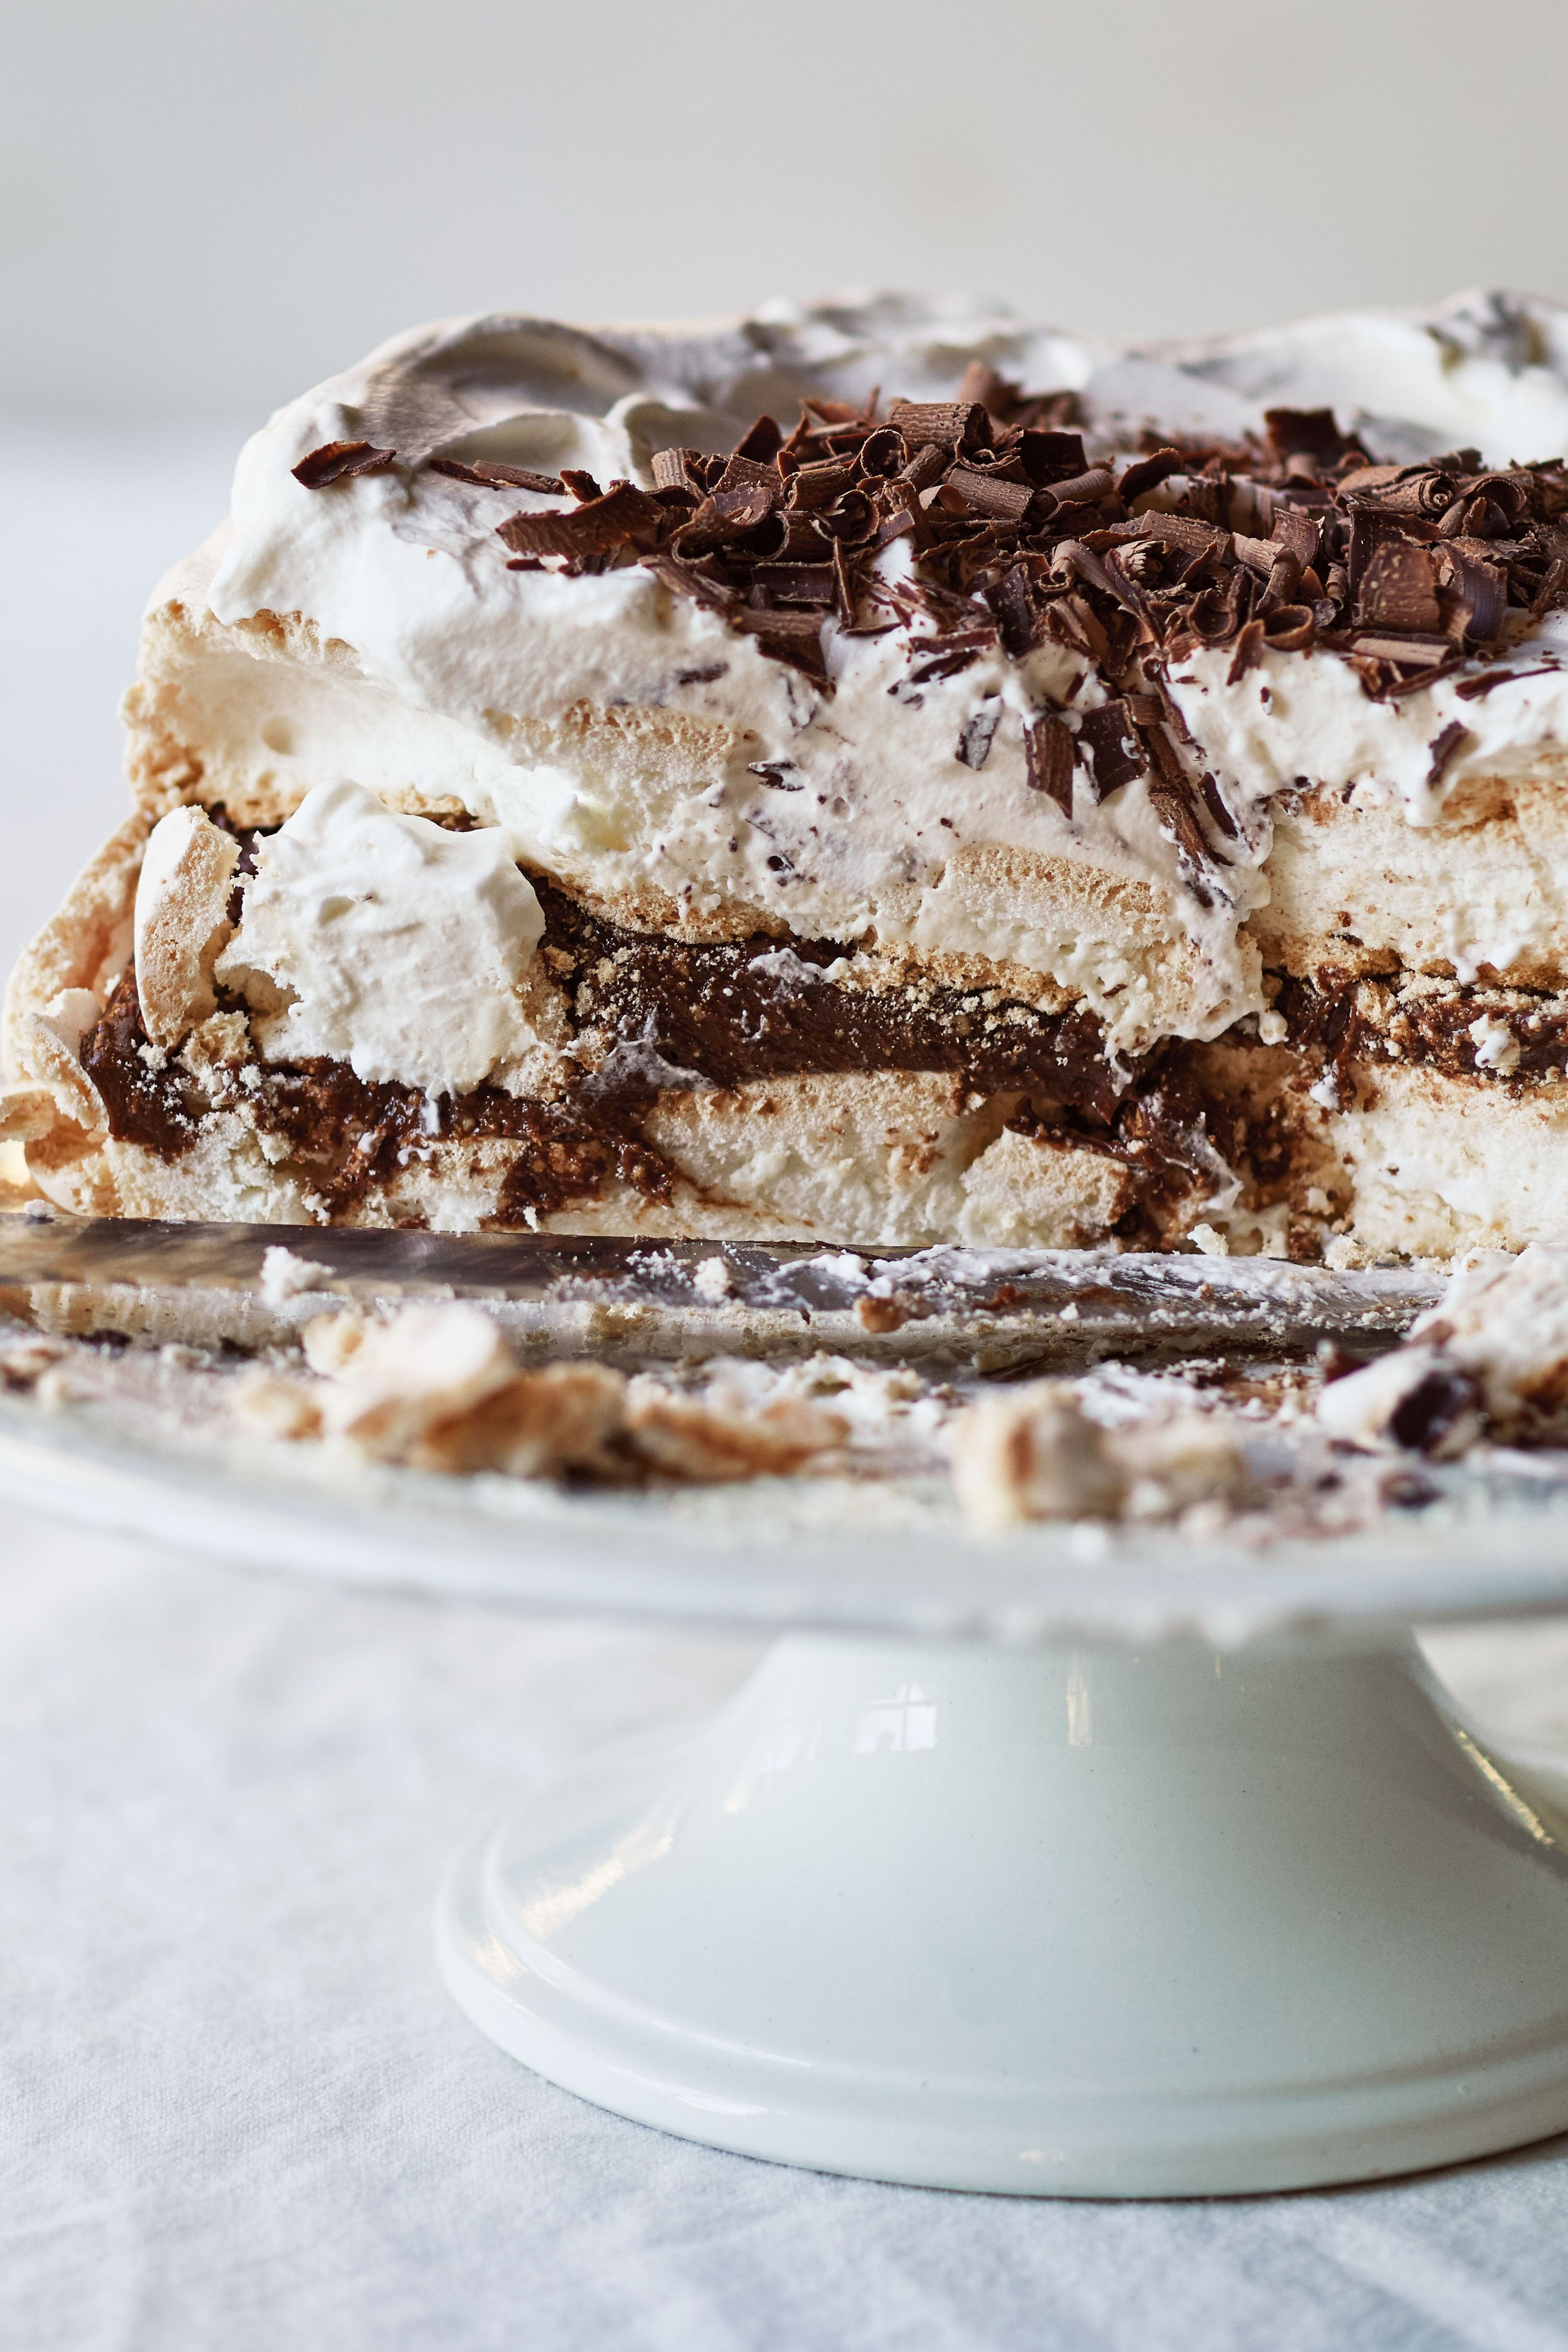 Ina Garten S Chocolate Pecan Meringue Torte Recipe Torte Recipe Pecan Torte Recipe Chocolate Pecan